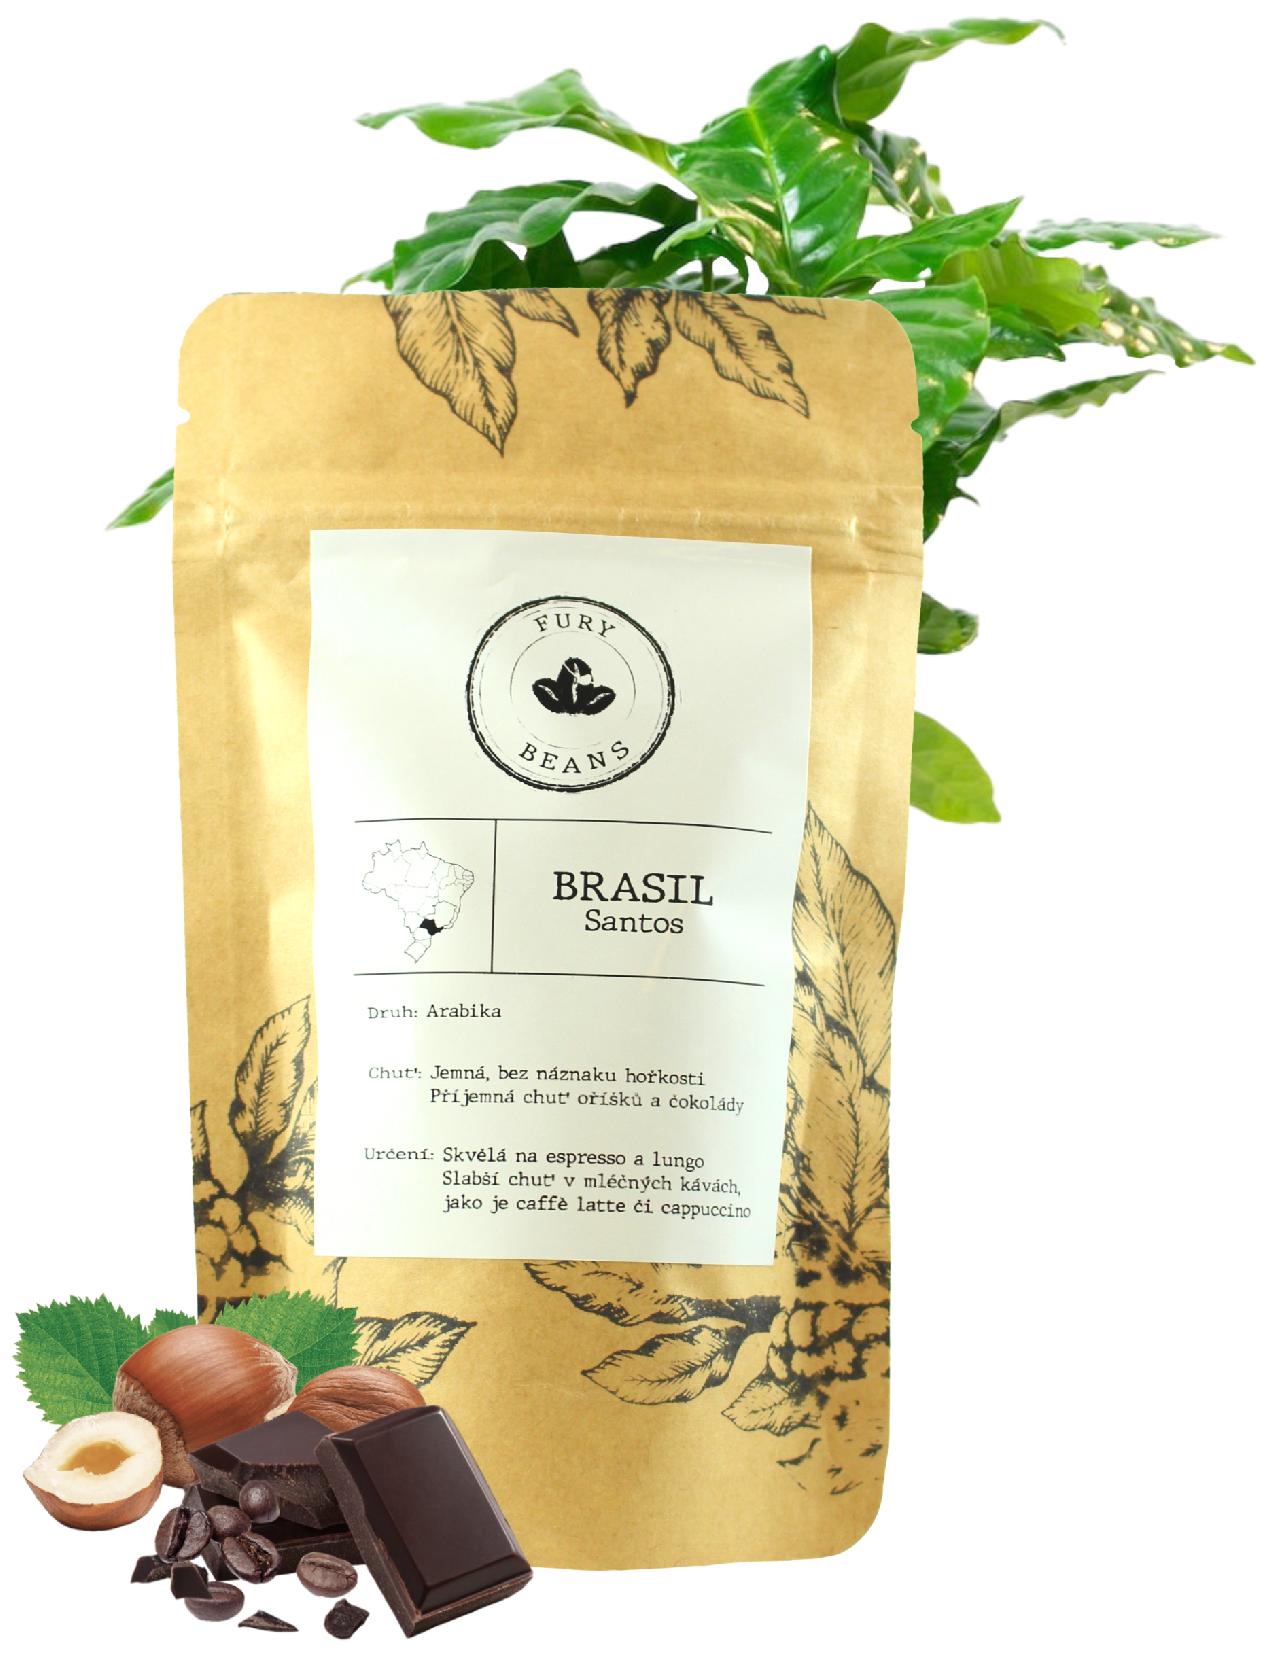 Fury beans Brazílie - Santos Váha: 250g, Způsob mletí: zrnková káva